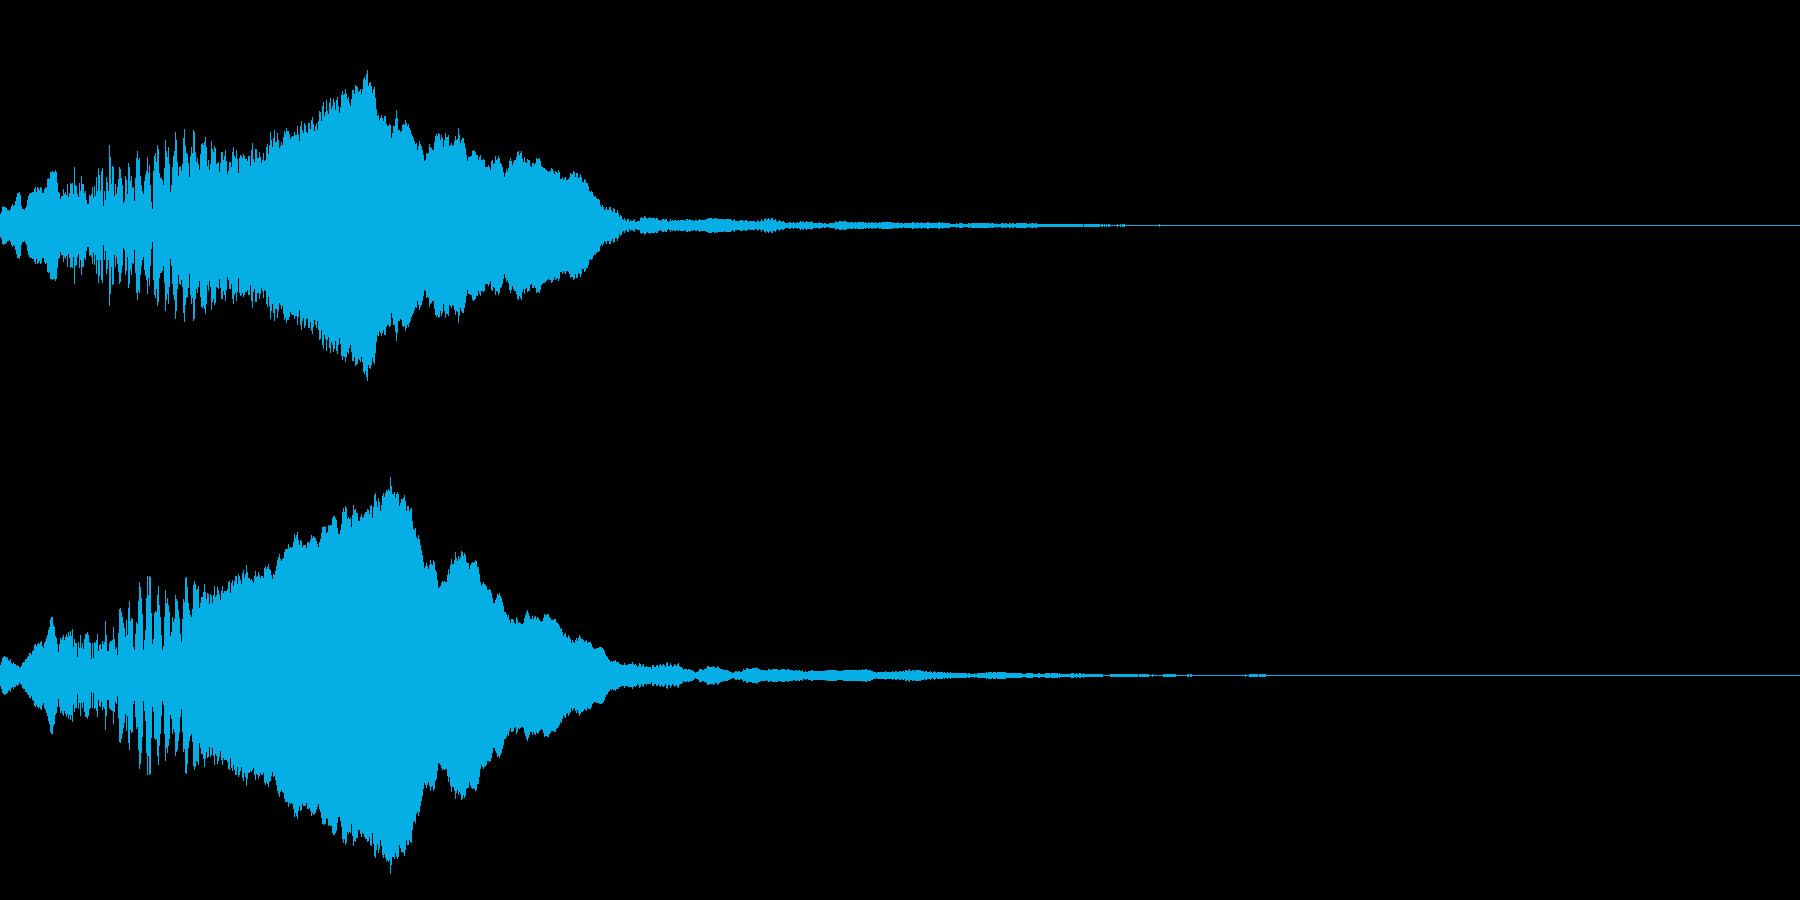 和風な笛(尺八)のインパクト ジングル1の再生済みの波形